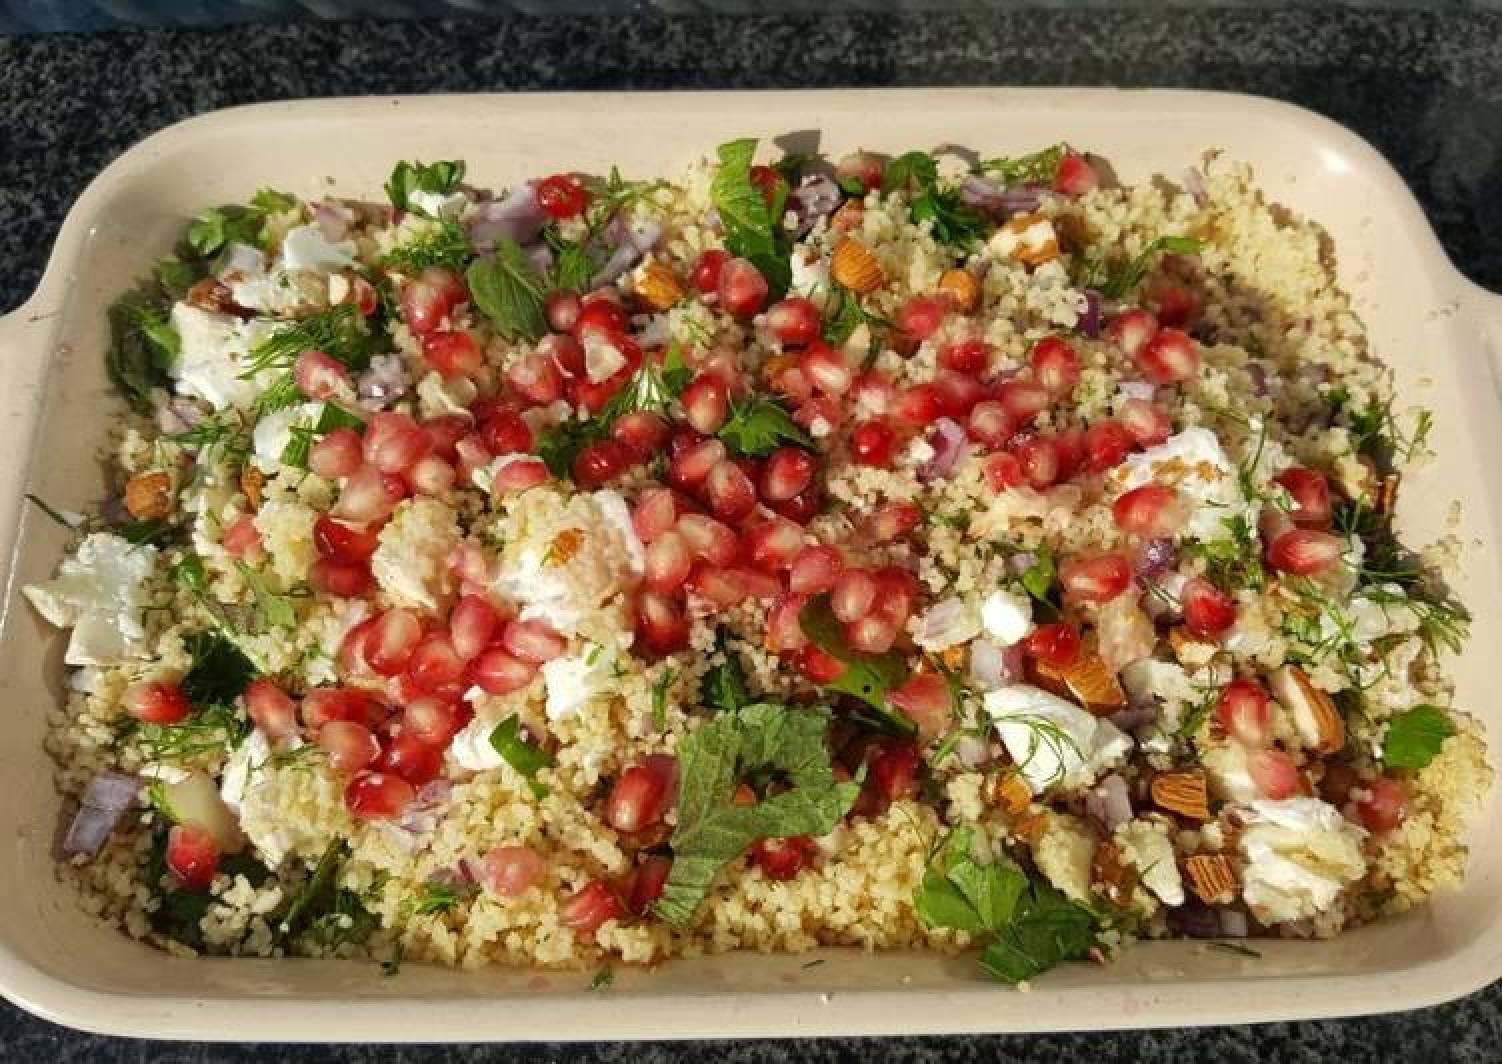 Herby feta couscous salad